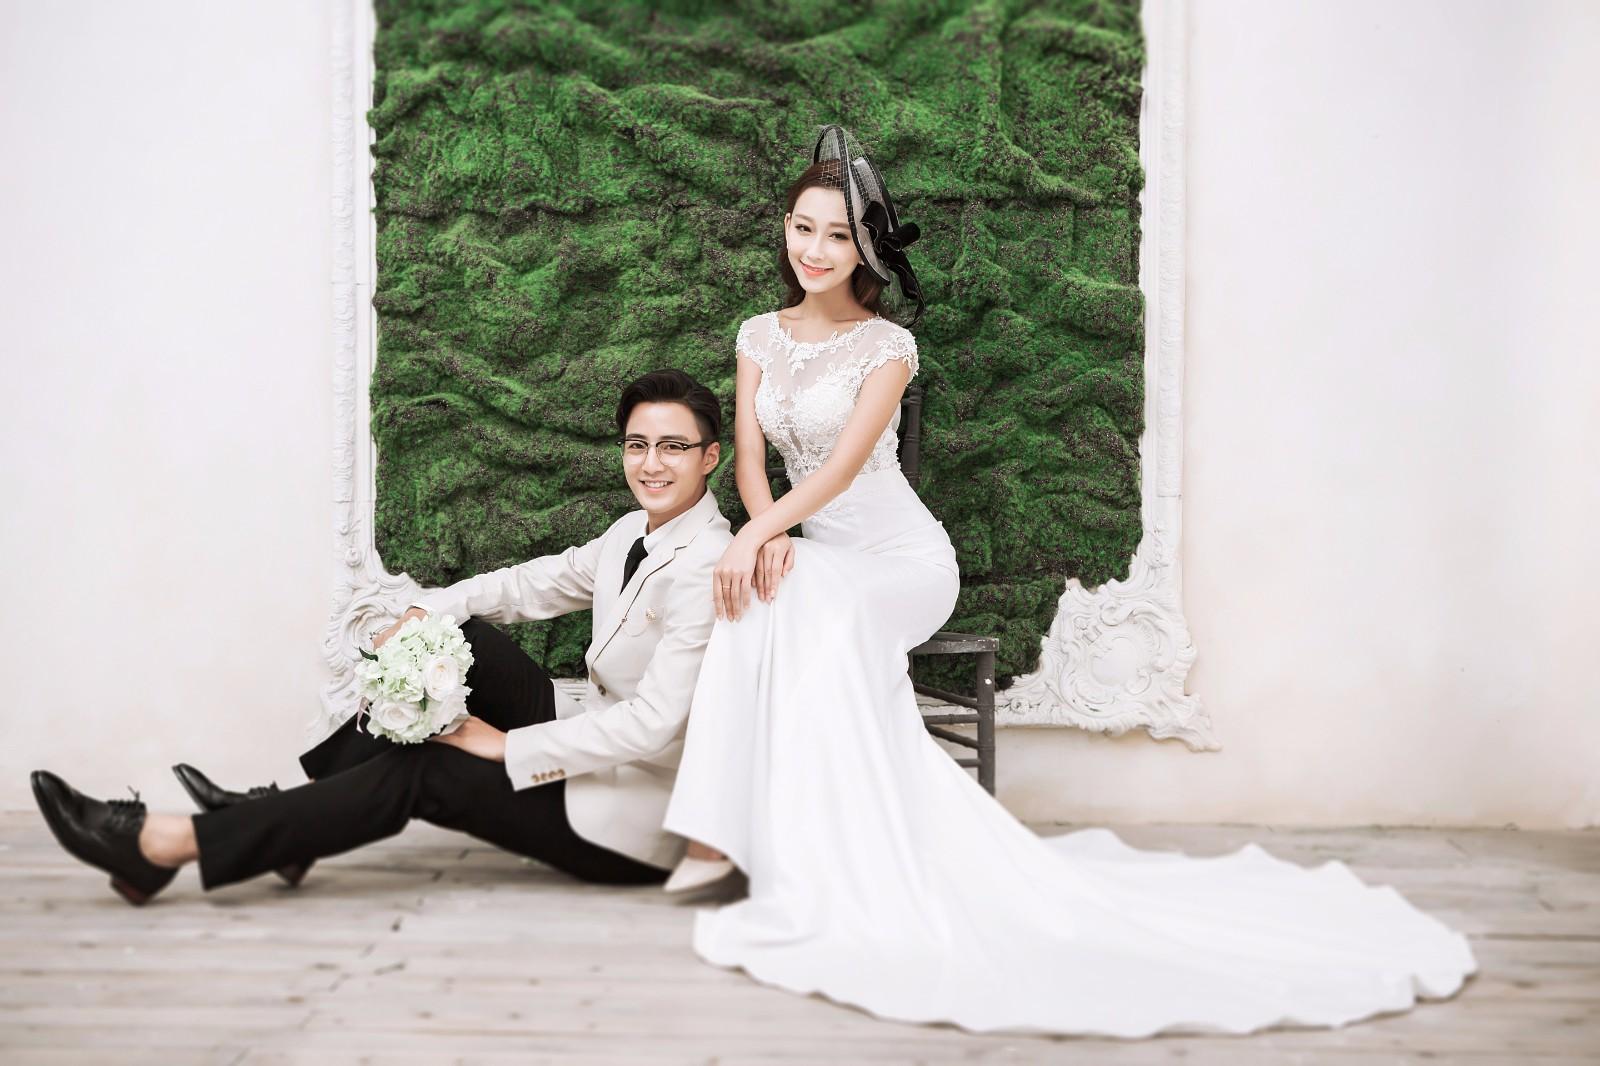 结婚证字号查询,在一些省份已经有了相关的查询系统